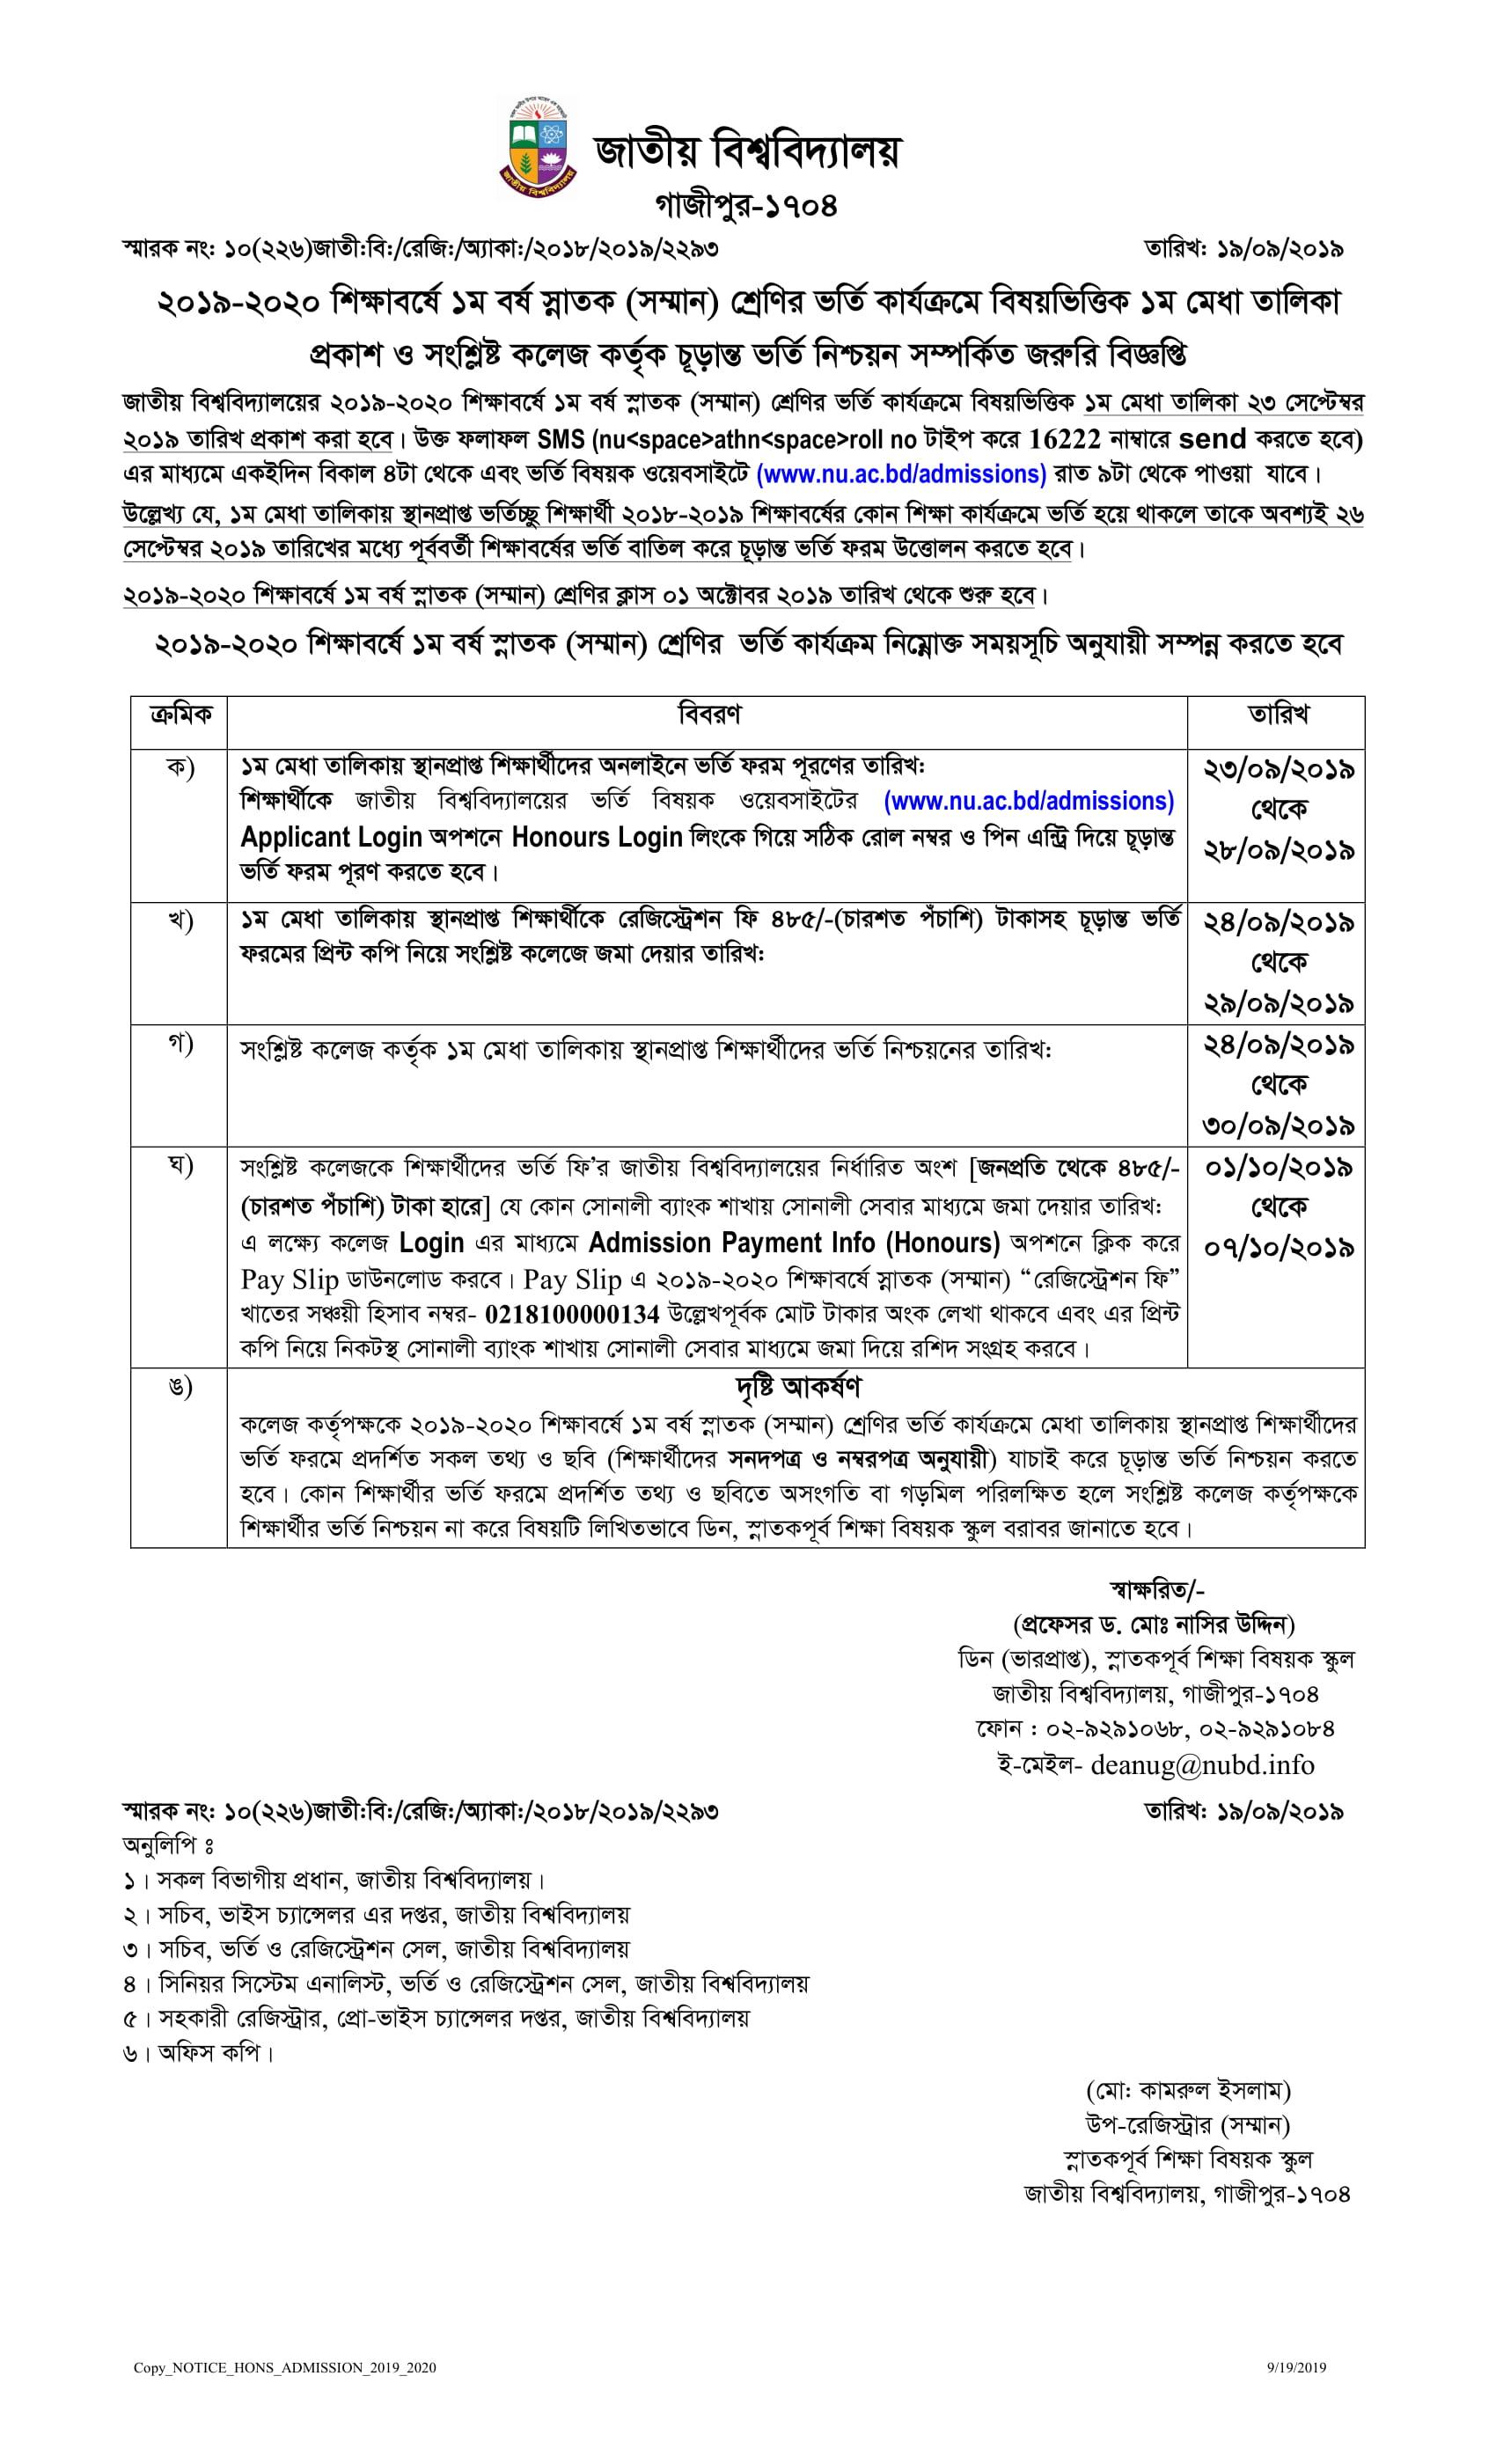 nu admission result 2019